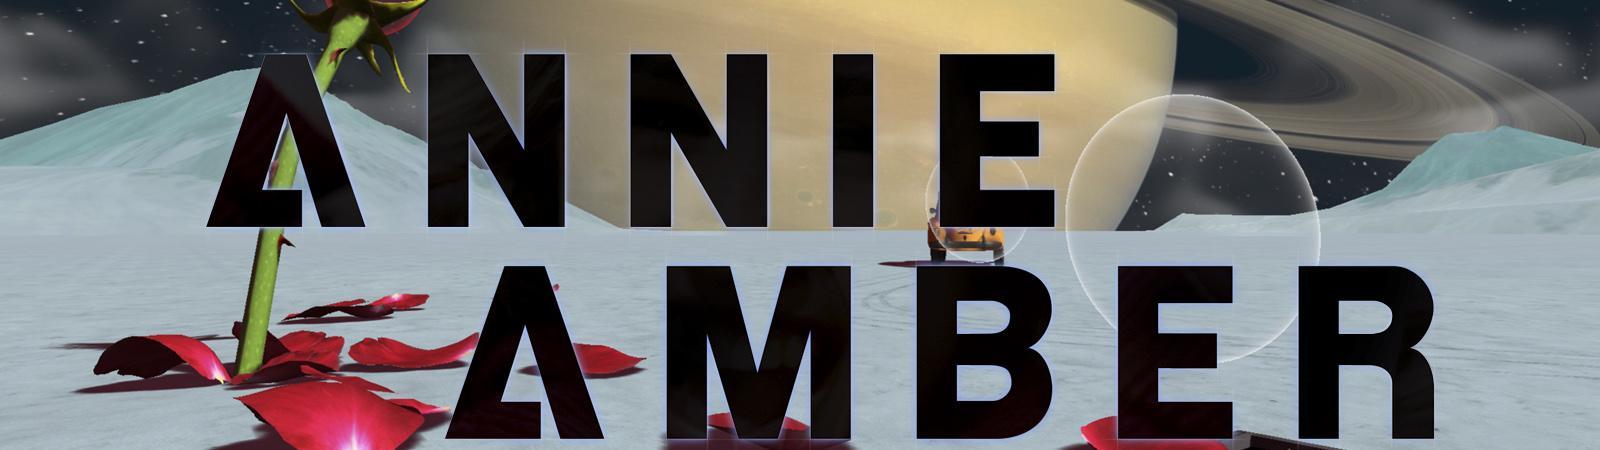 Annie Amber para la realidad virtual